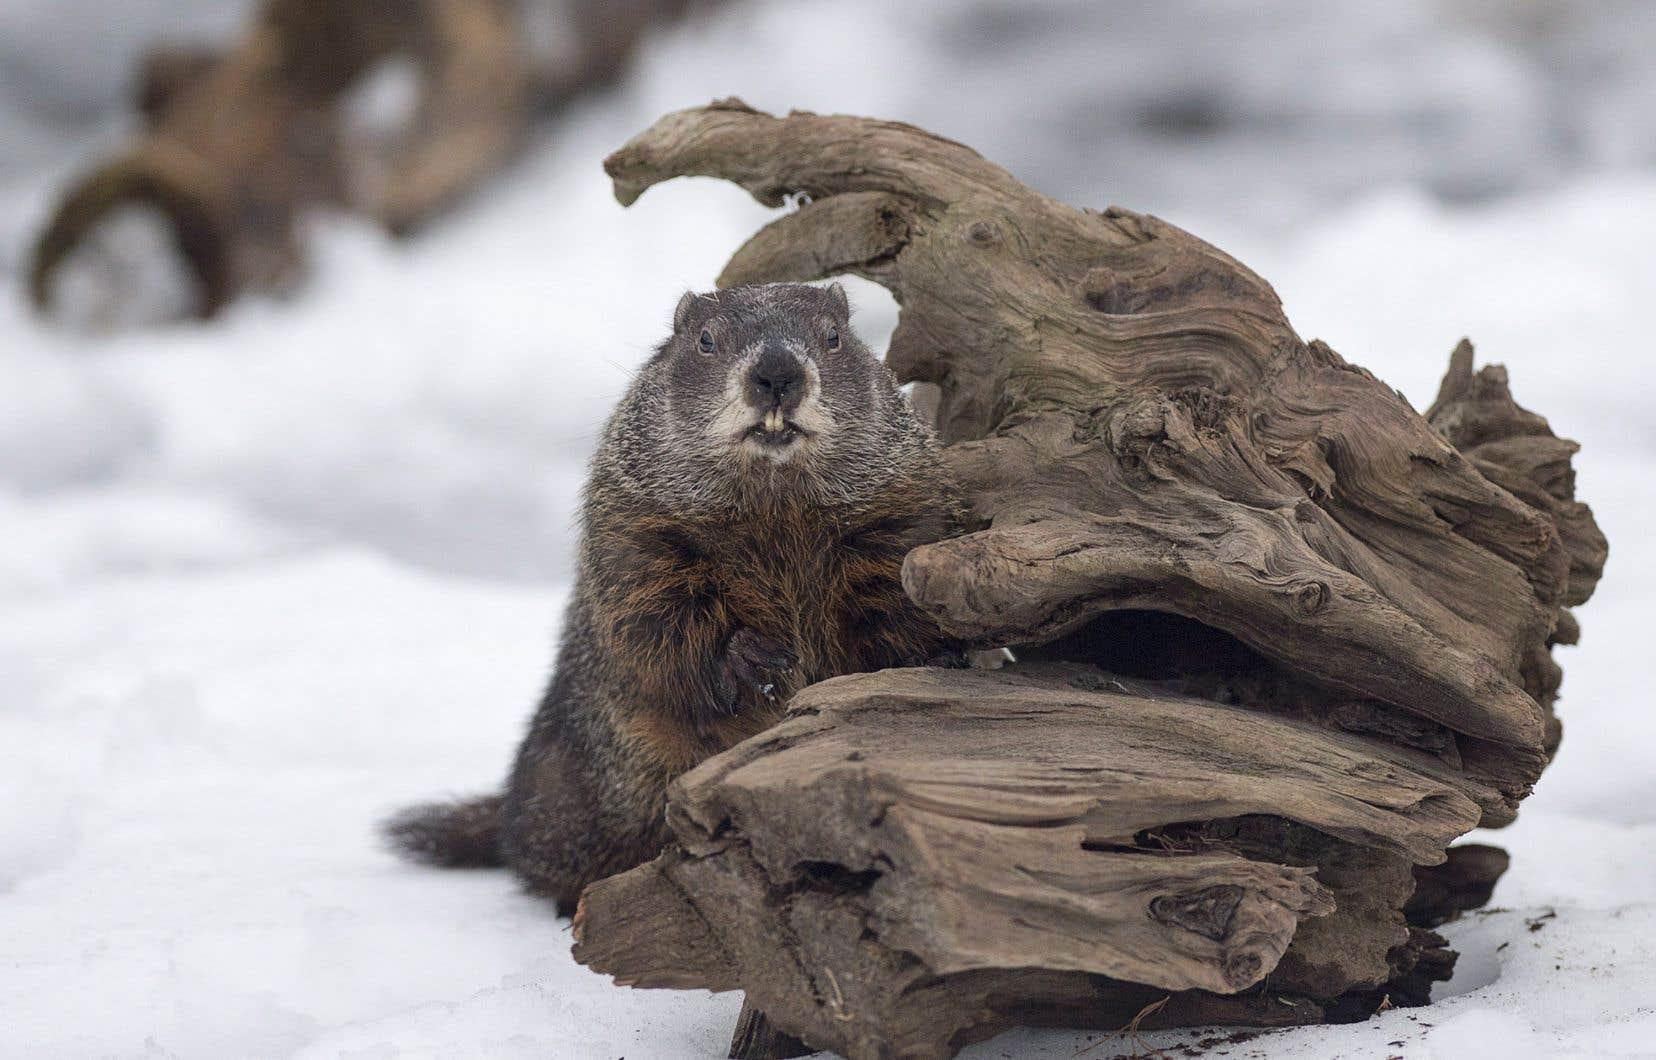 La marmotte de la Nouvelle-Écosse, Shubenacadie Sam, estime elle aussi que le printemps sera hâtif.